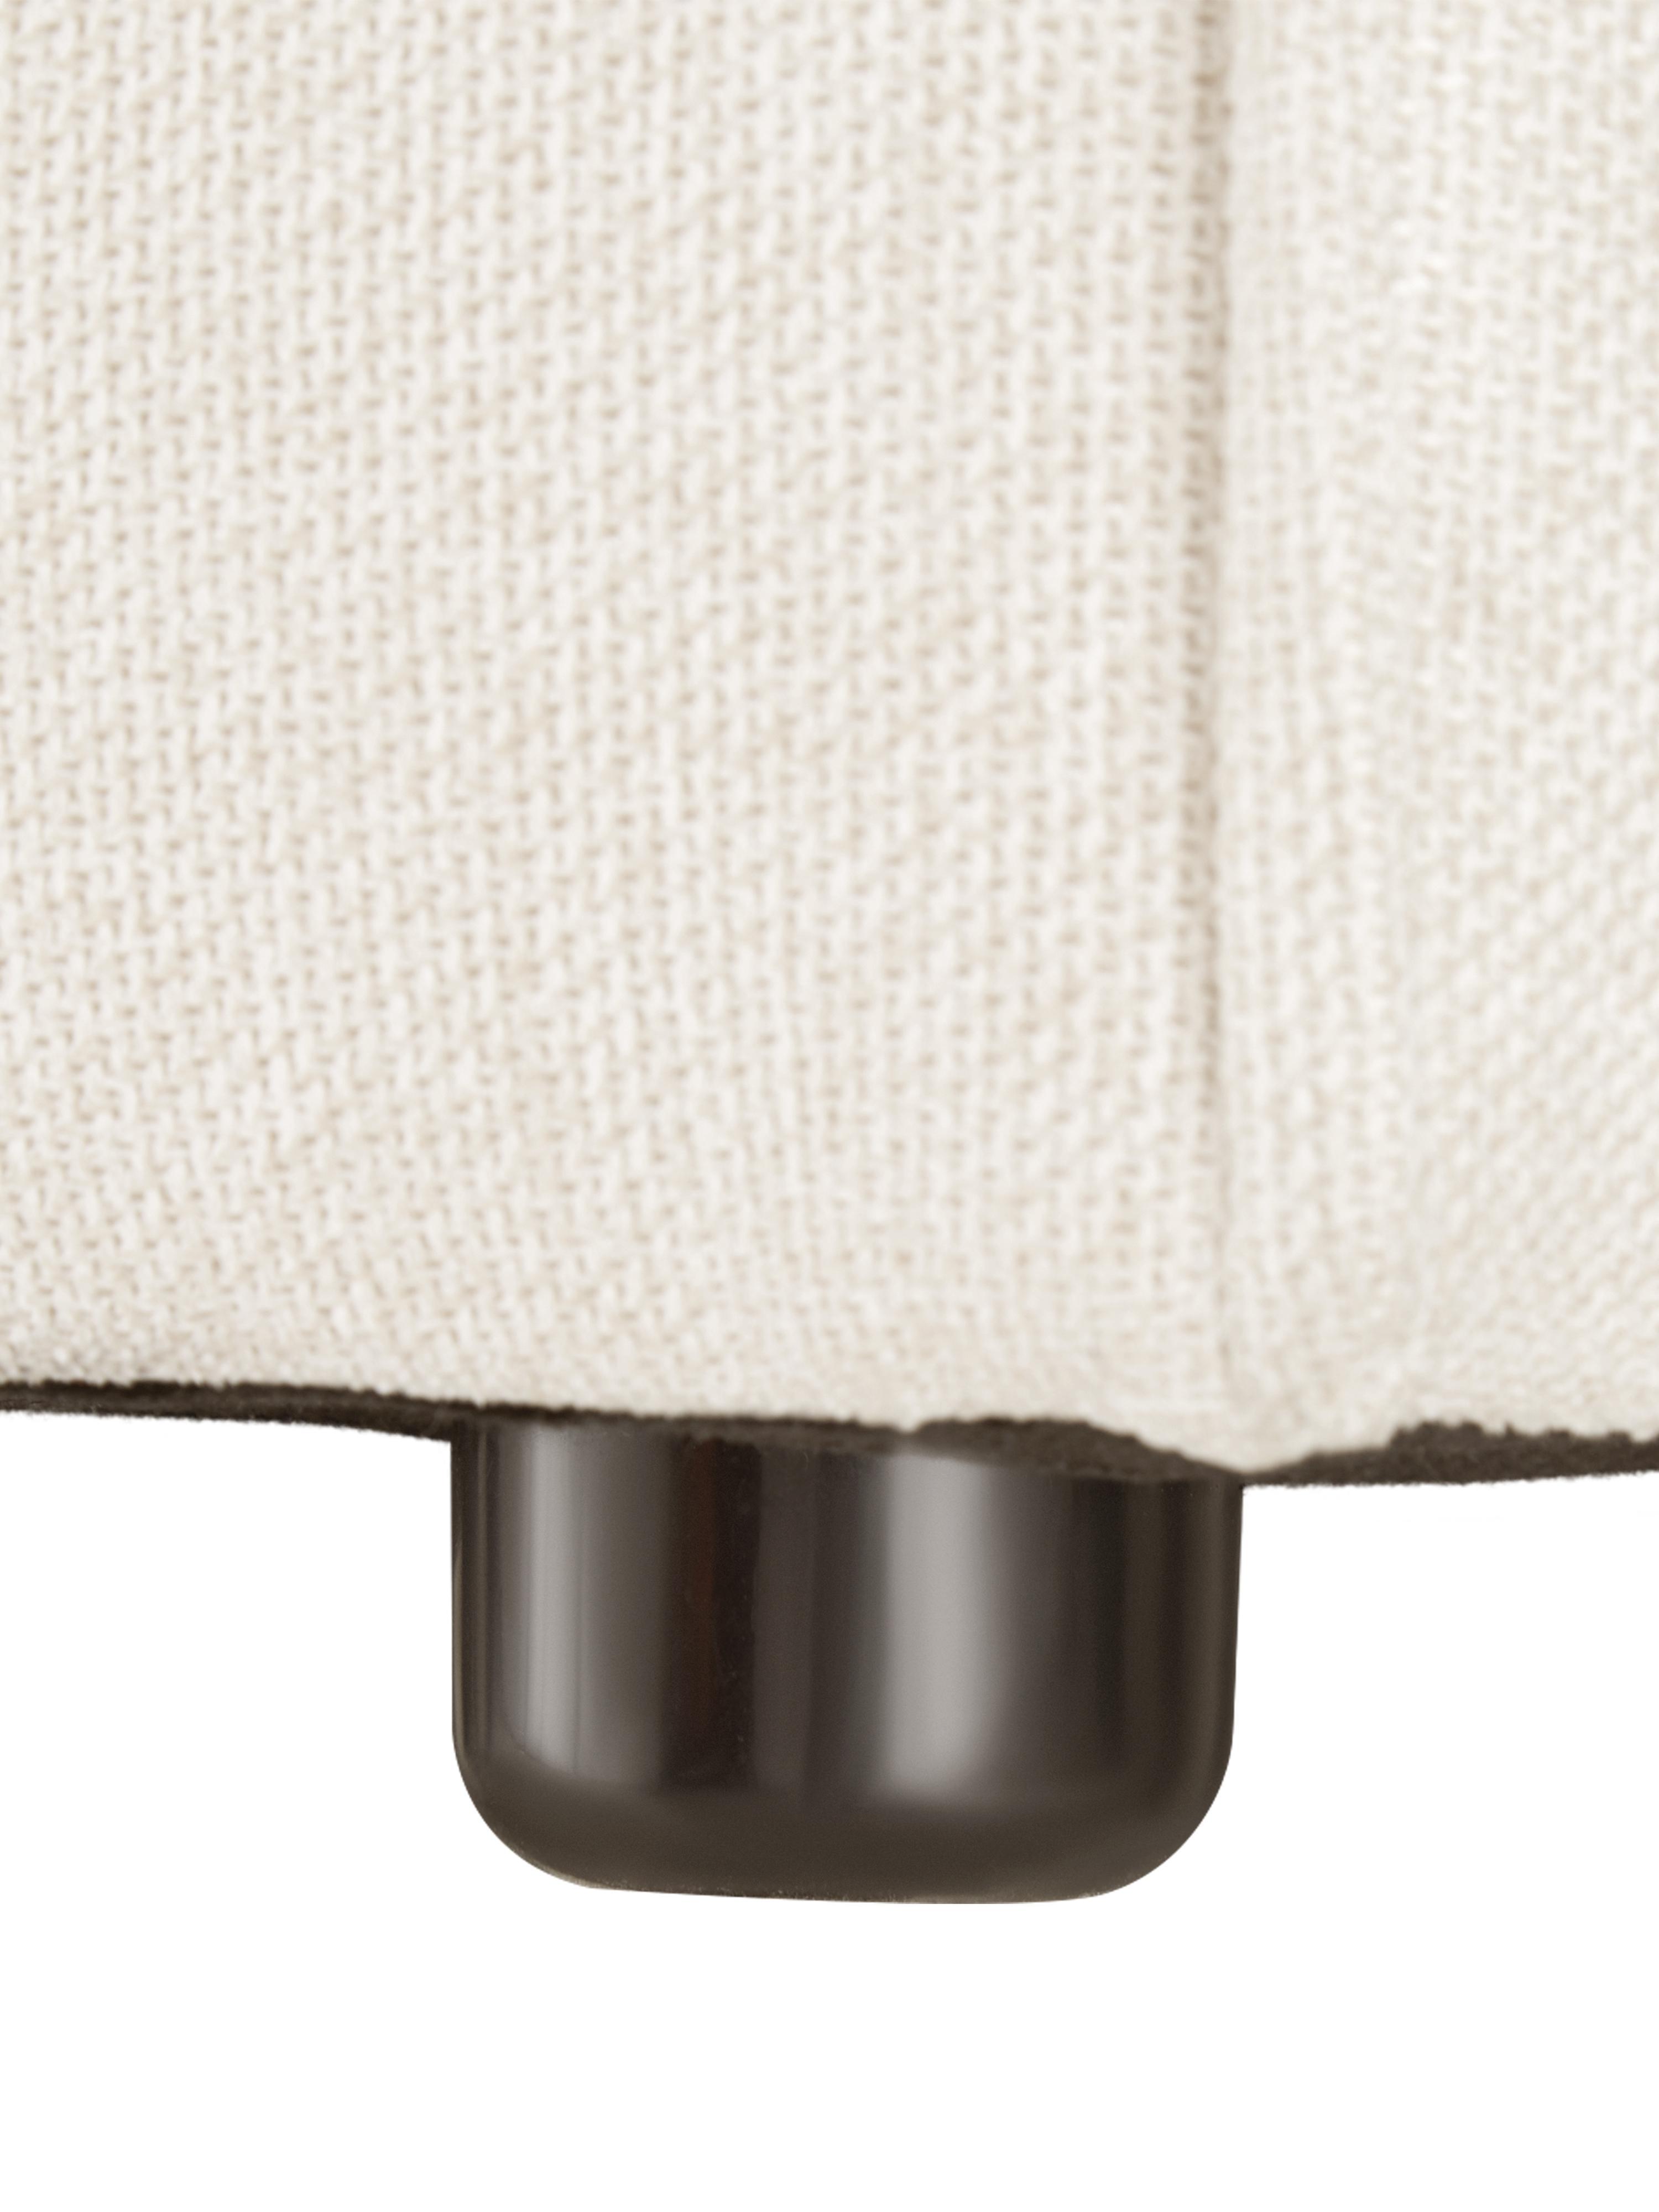 Modulaire chaise longue Lennon, Bekleding: polyester, Frame: massief grenenhout, multi, Poten: kunststof, Beige, B 269 x D 119 cm